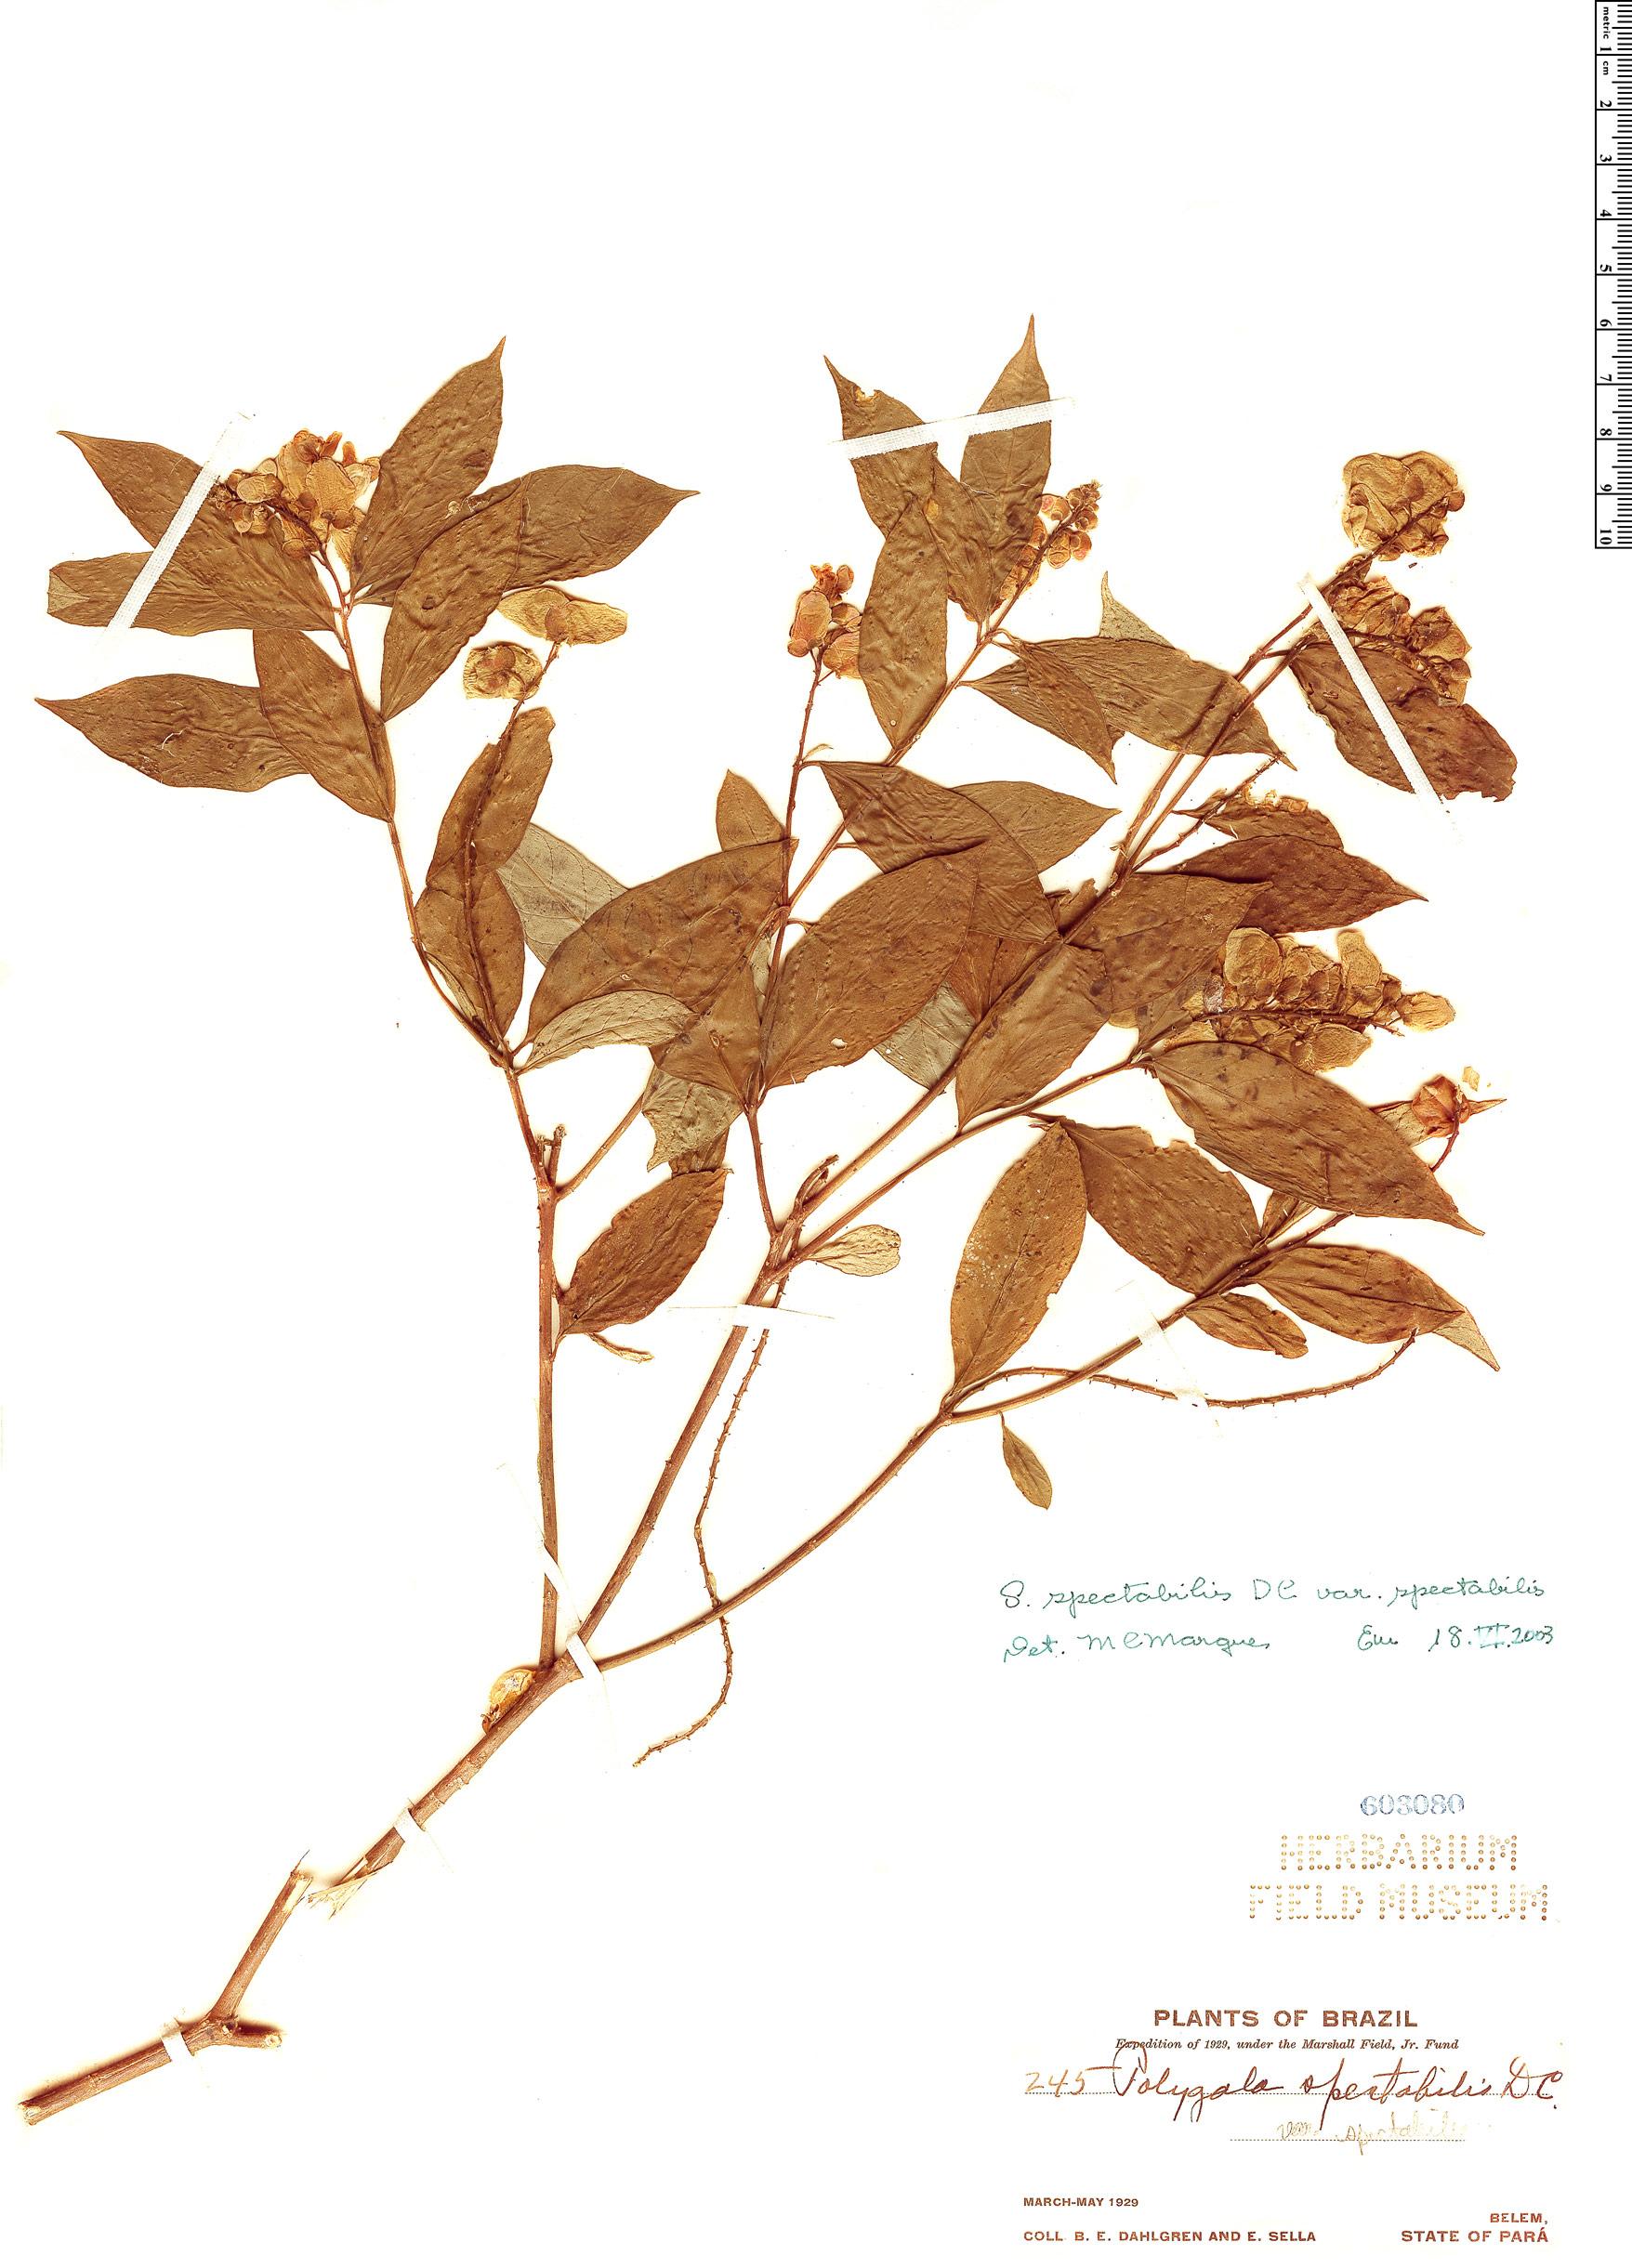 Specimen: Caamembeca spectabilis